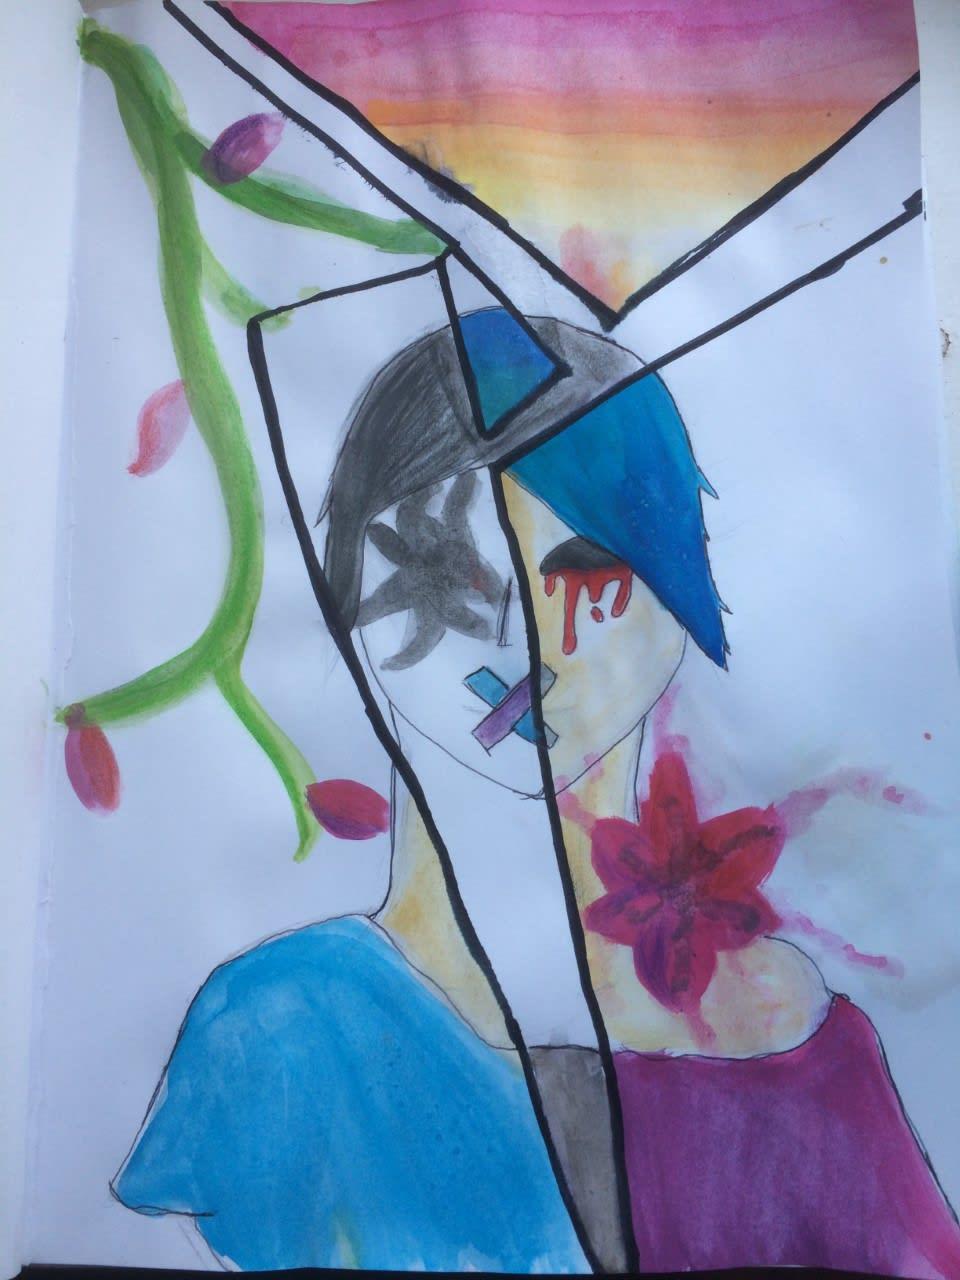 Adrianna Paulina, age 13 Inspired by Antony Gormley